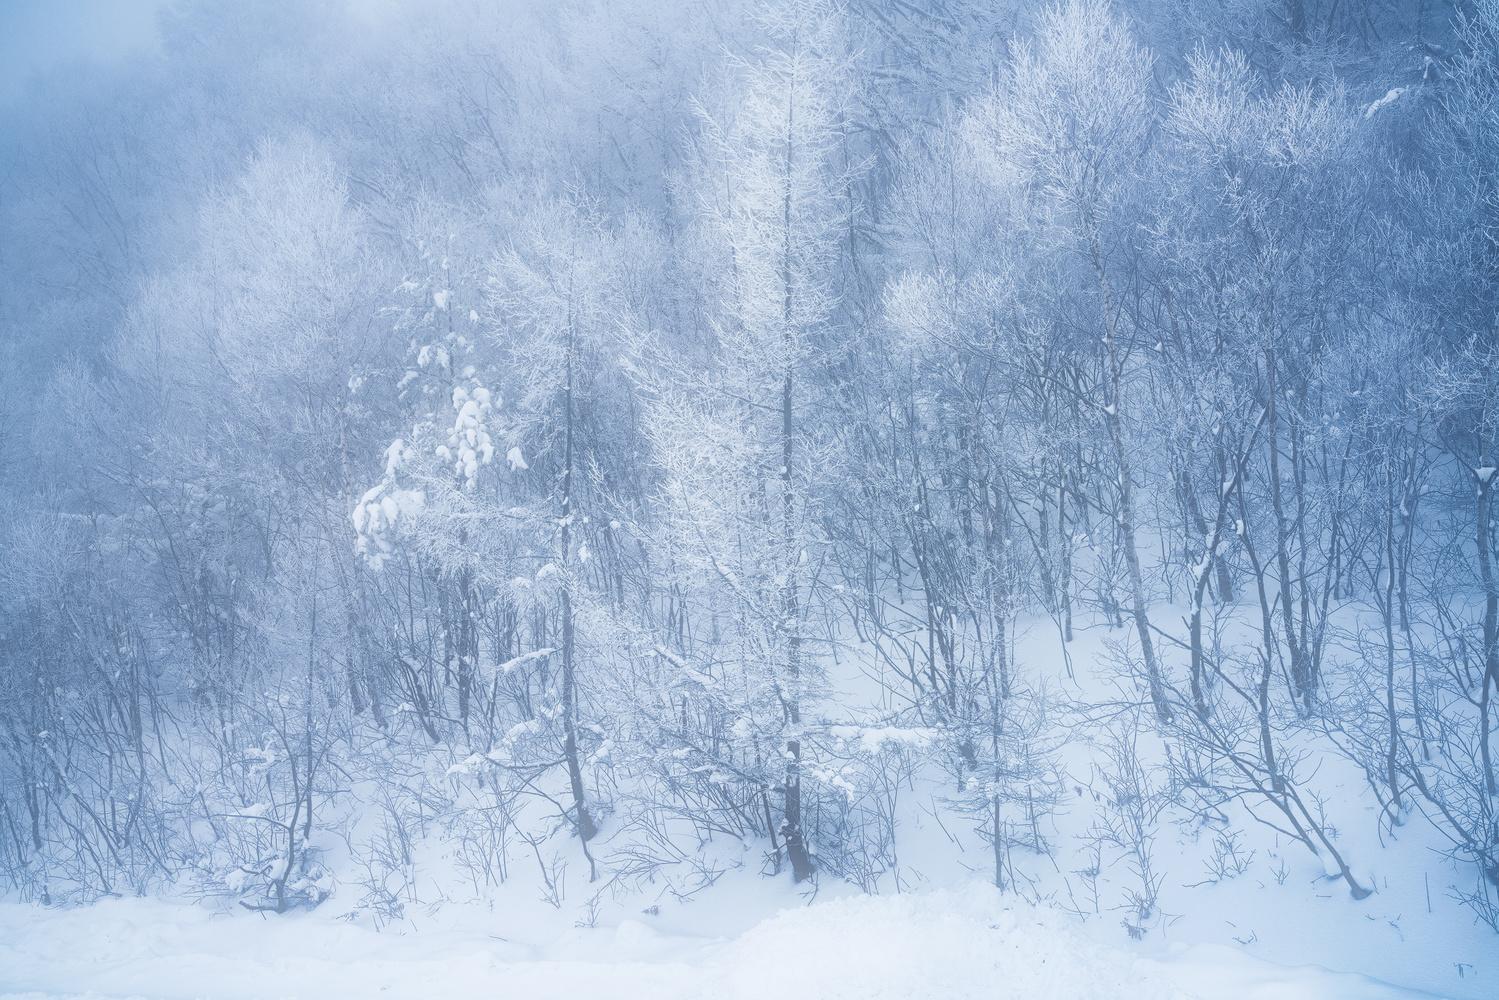 Winter Forest by Shumon Saito